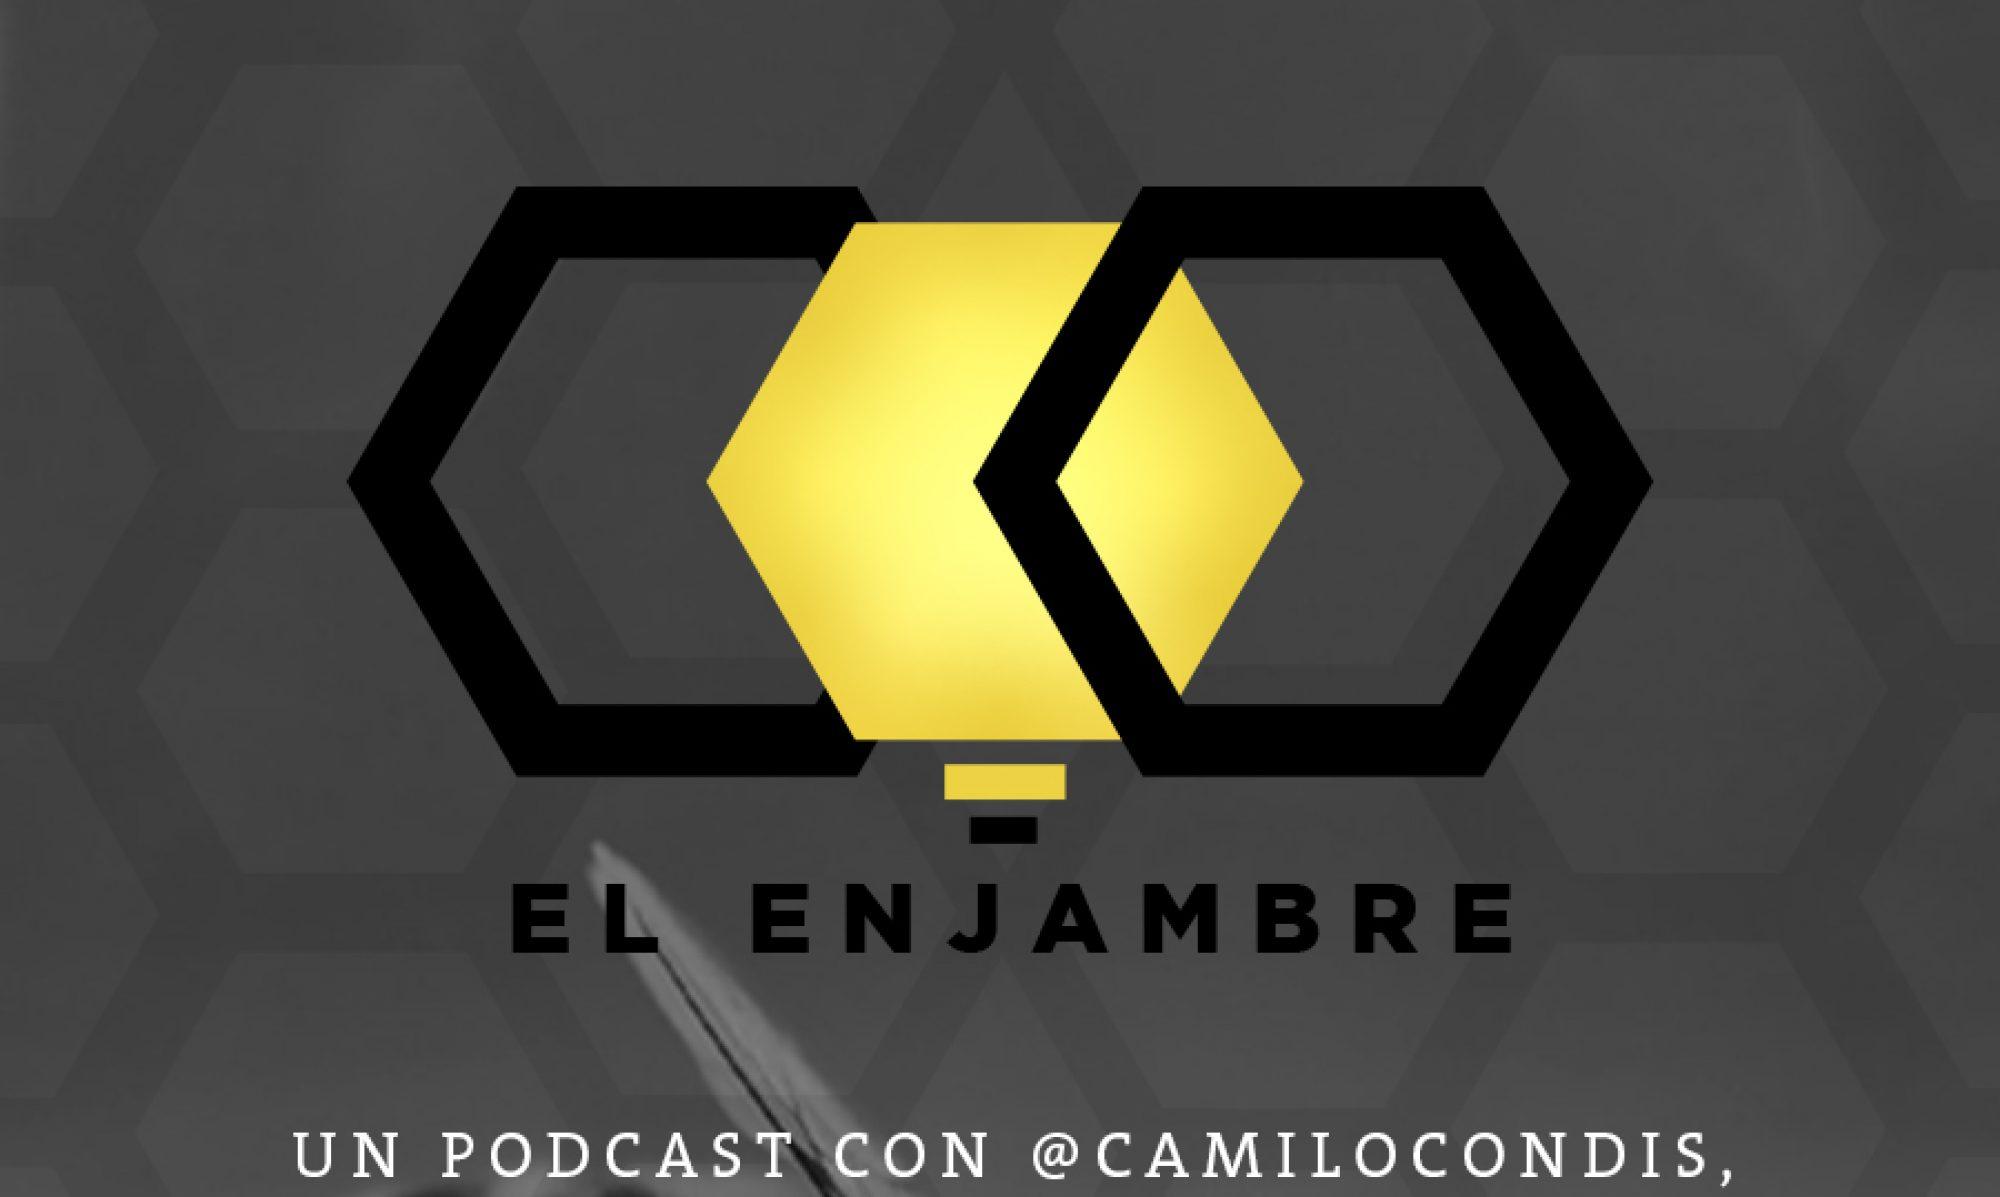 Camilo Condis